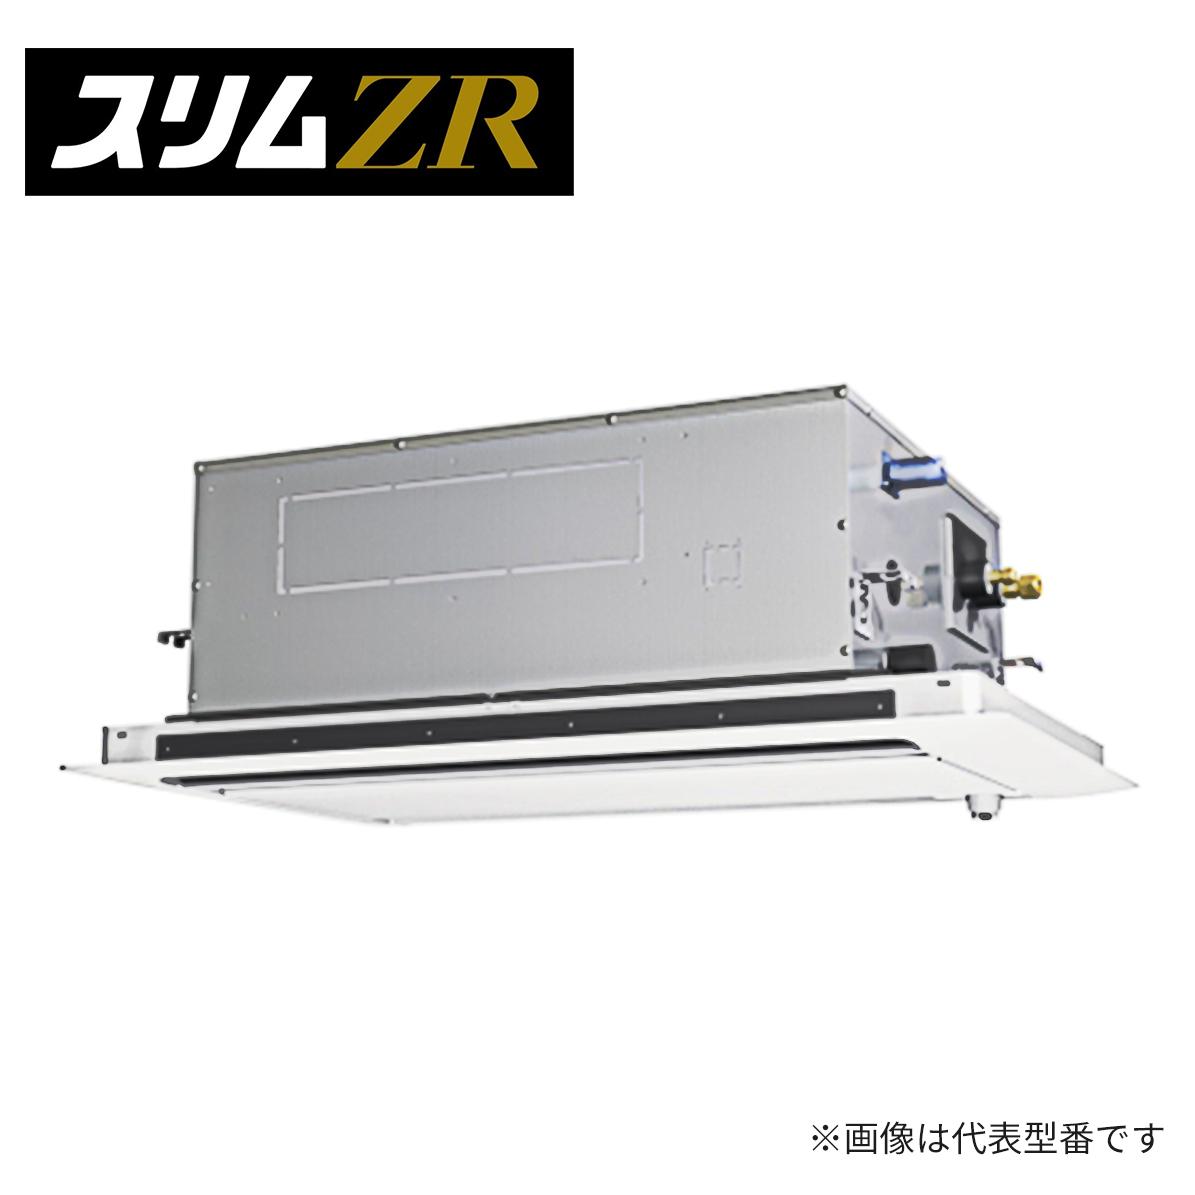 ###三菱 業務用エアコン【PLZ-ZRMP50LR】スリムZR 2方向天井カセット形 標準シングル 三相200V 2馬力